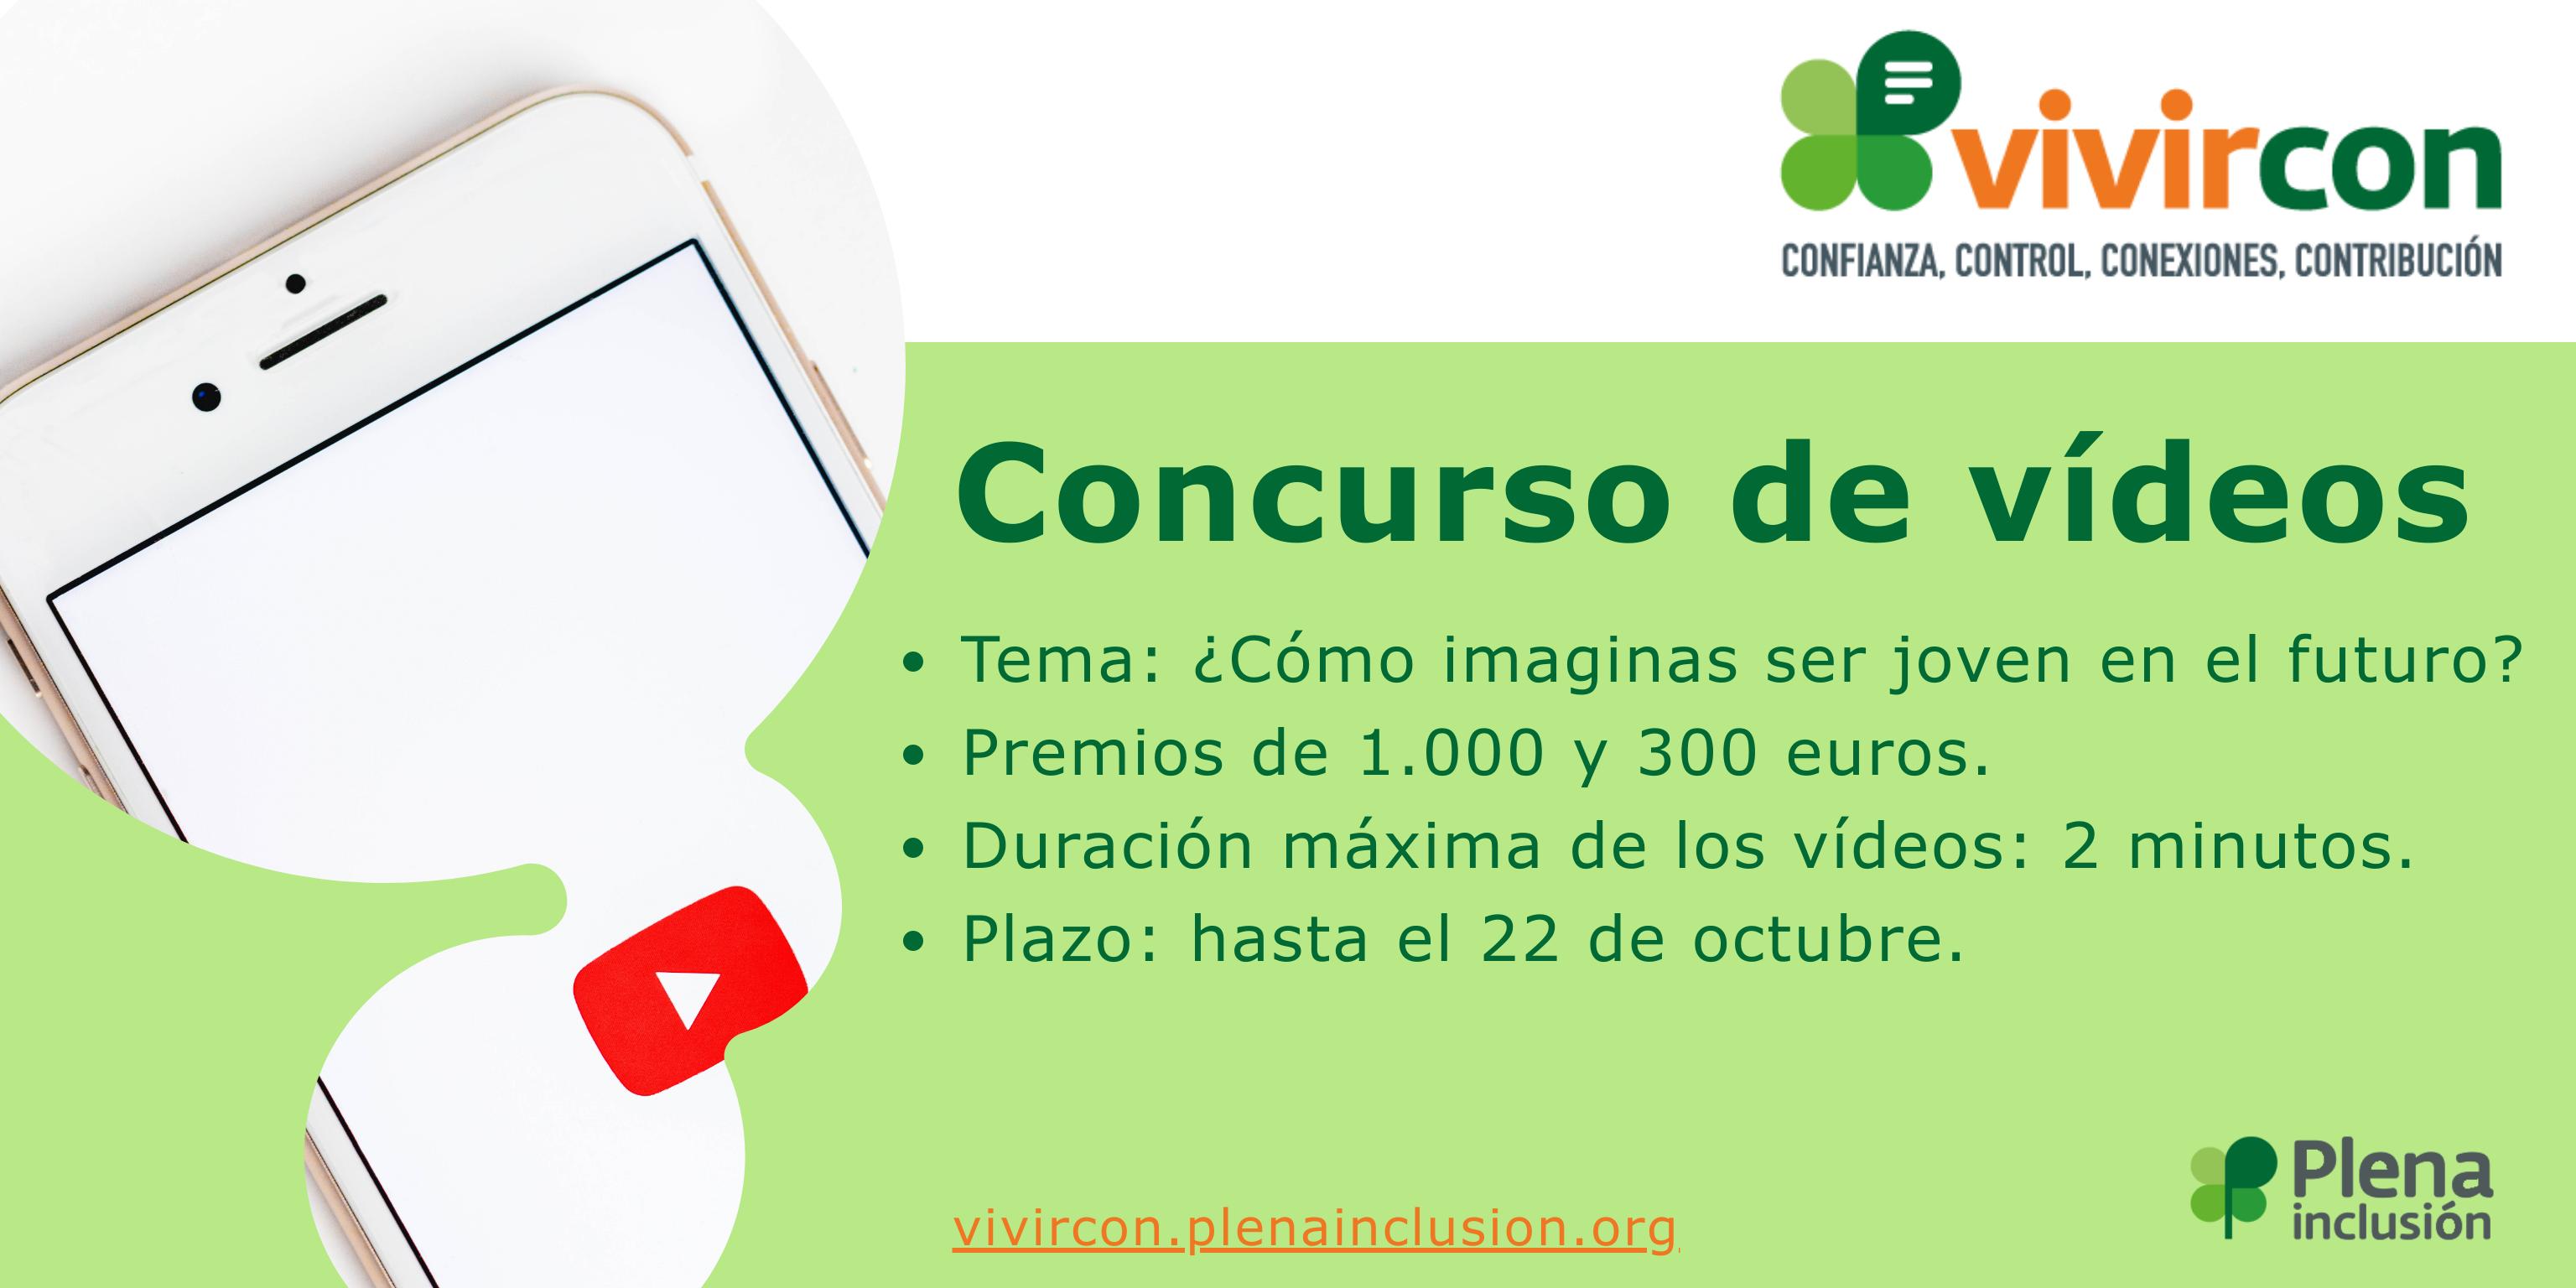 Ir a : Participa en el concurso de videos sobre '¿Cómo imaginas el futuro para la gente joven?' y podrás ganar 1.000 euros